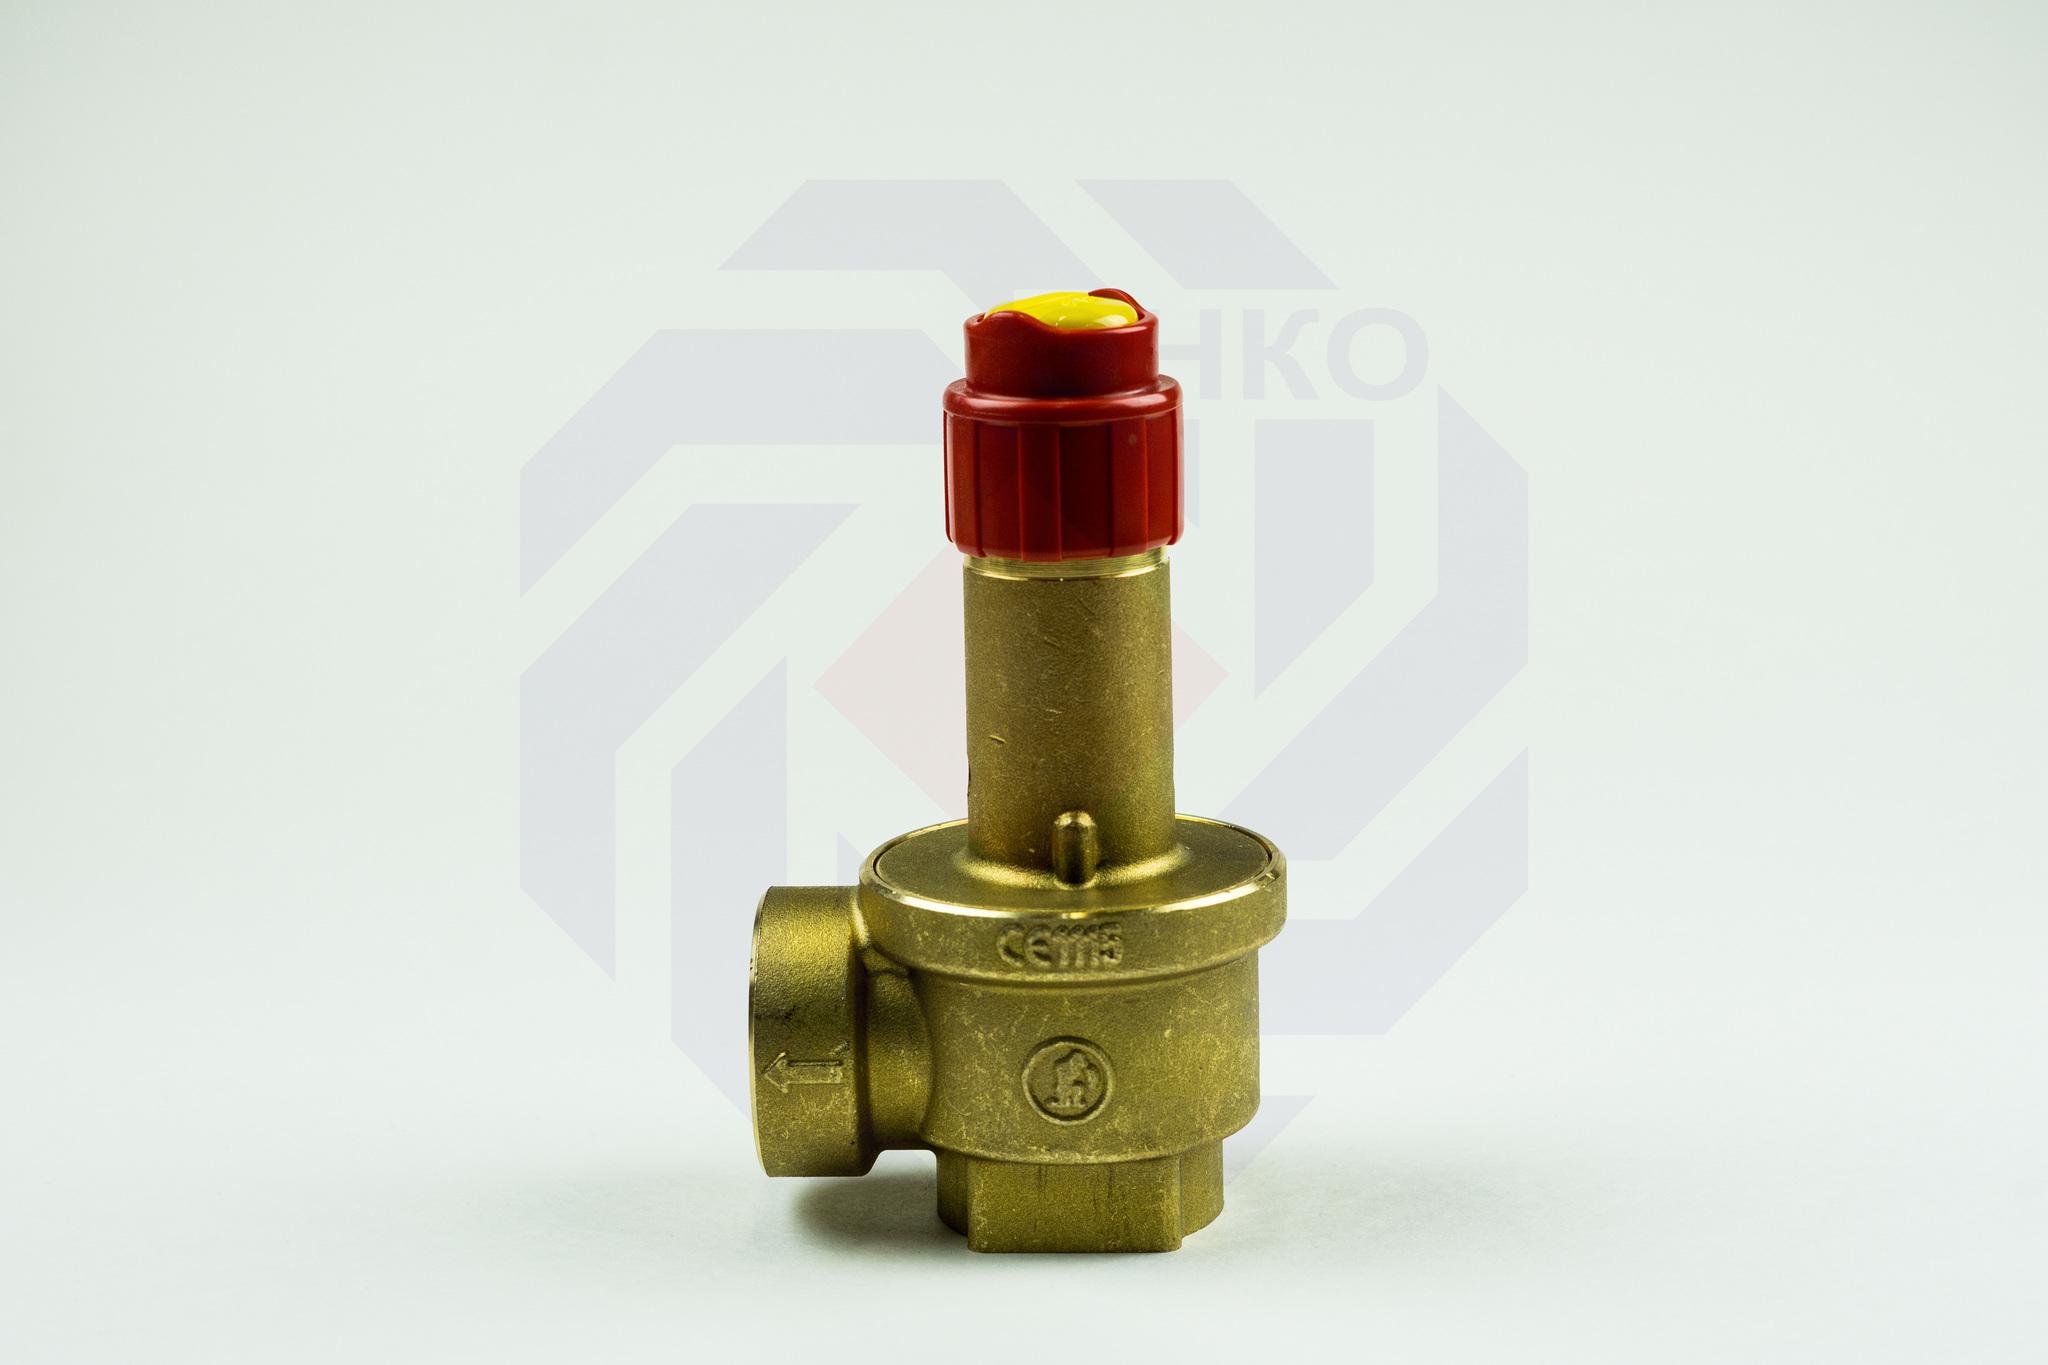 Клапан предохранительный GIACOMINI R140 6 бар 1¼